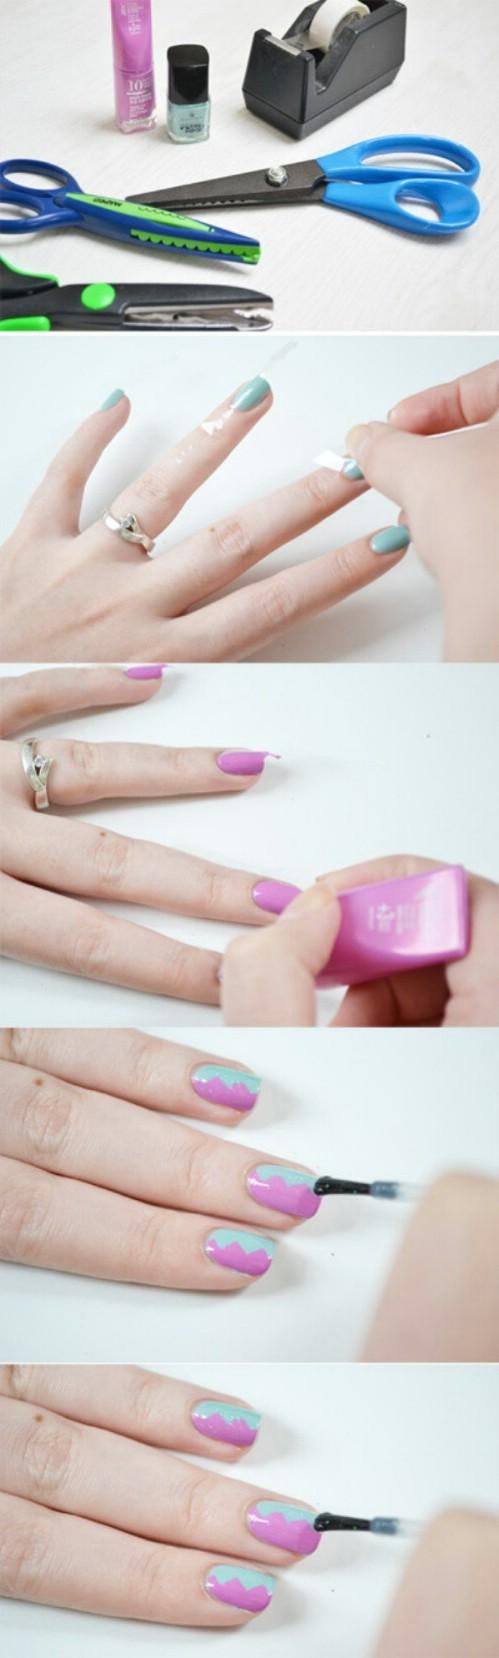 decoracion de uñas cortas con cinta